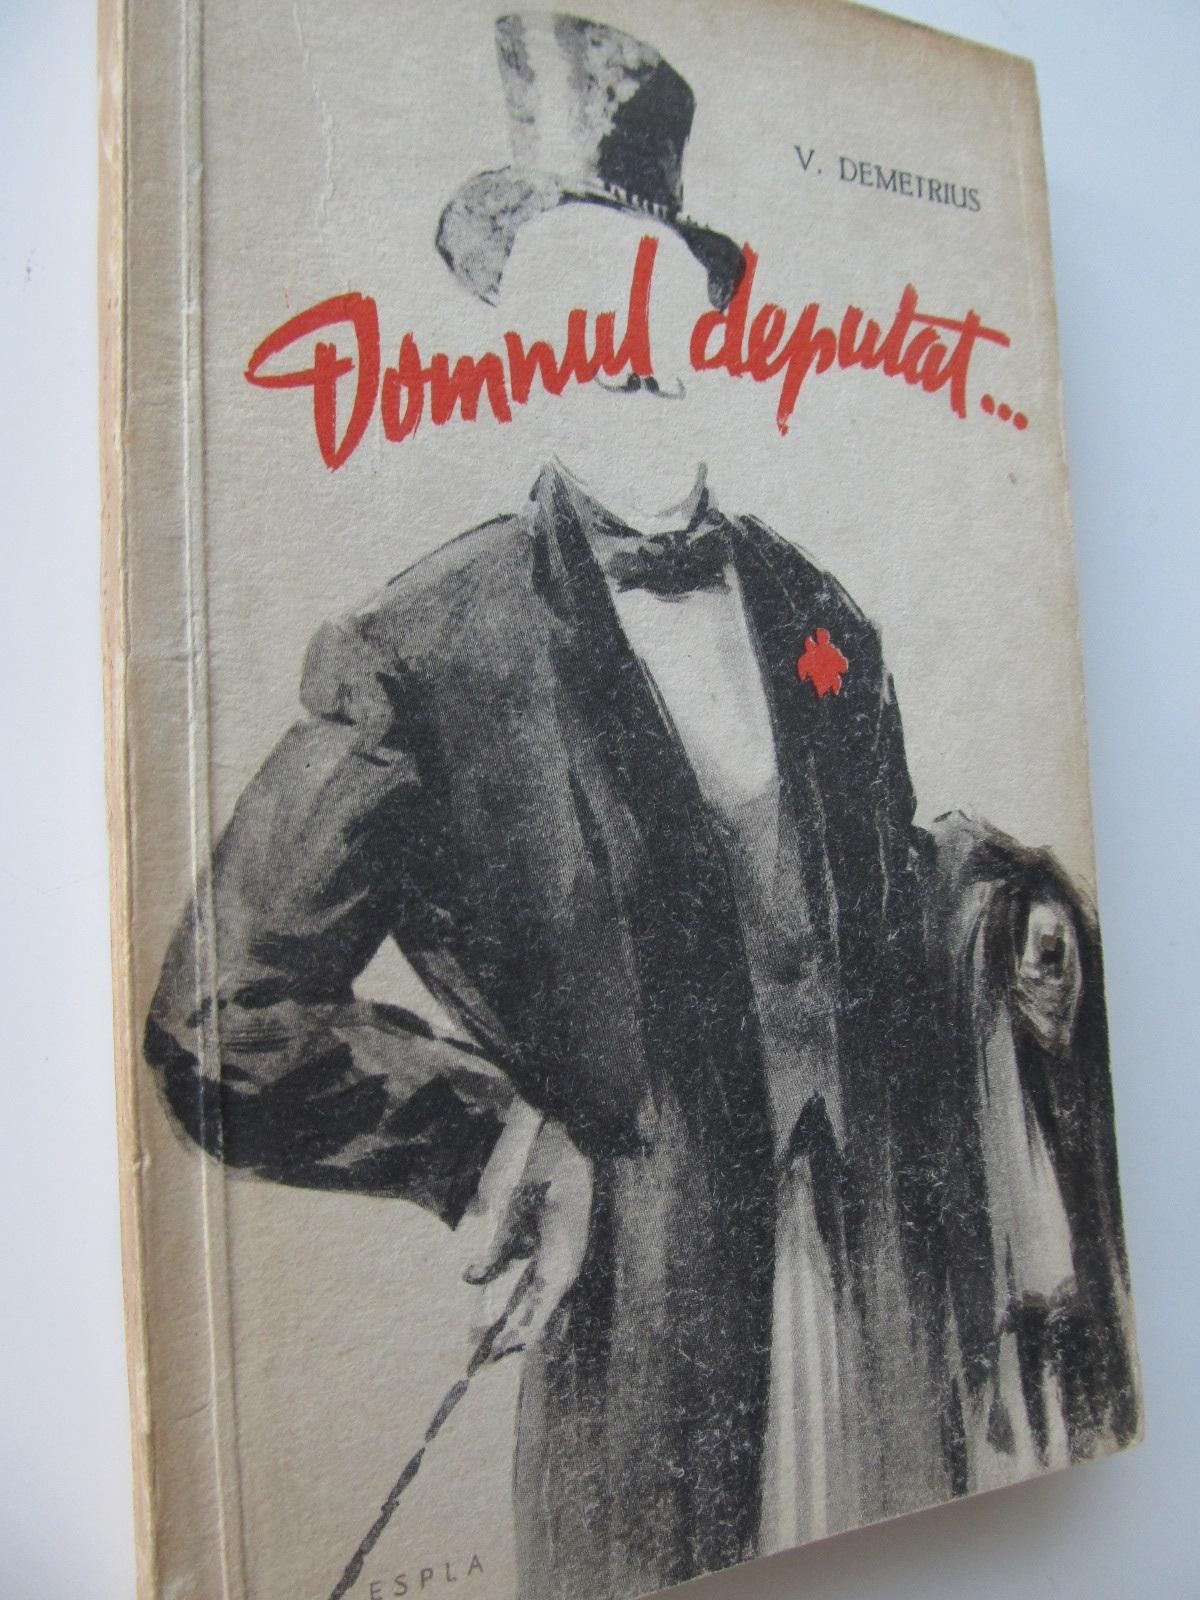 Domnul deputat - V. Demetrius | Detalii carte